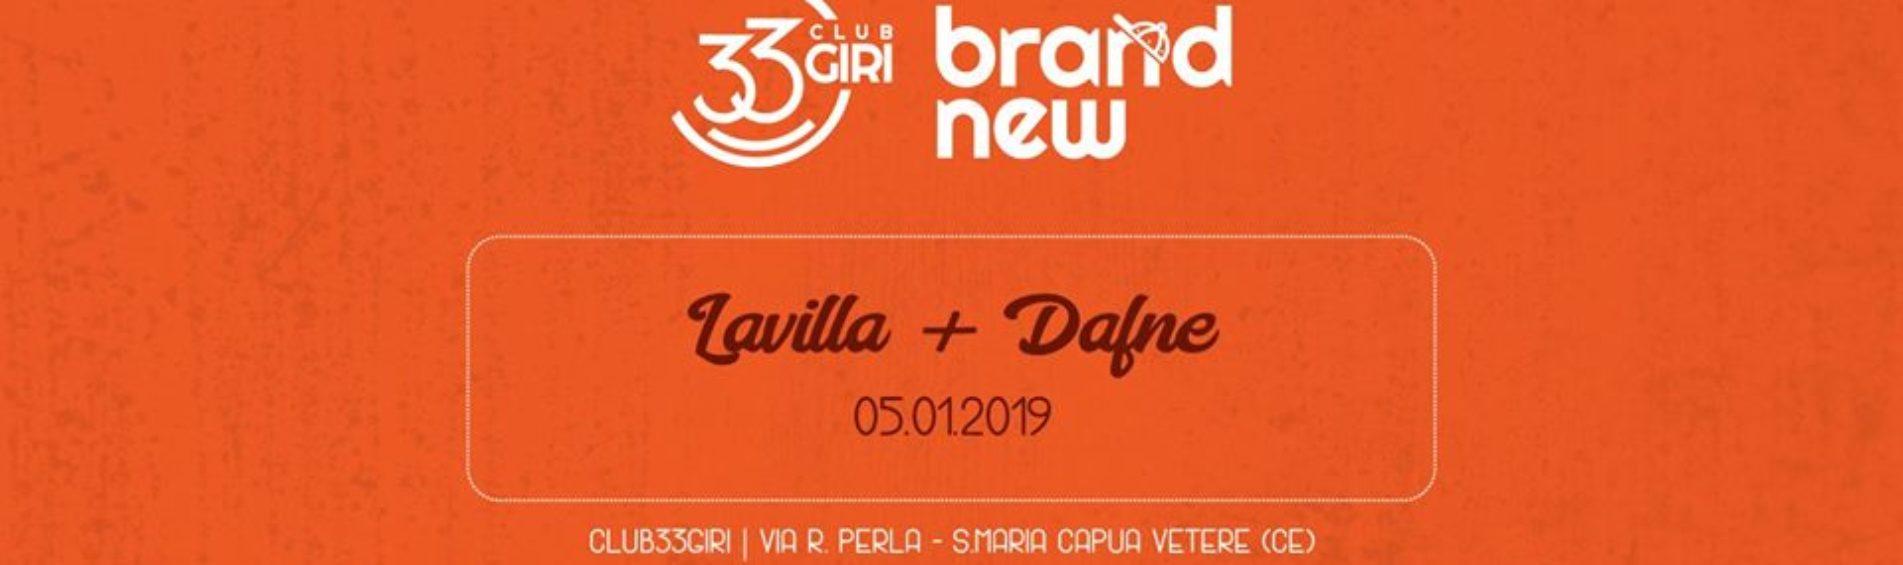 Rassegna 33 Giri Brand New: Lavilla e Dafne live